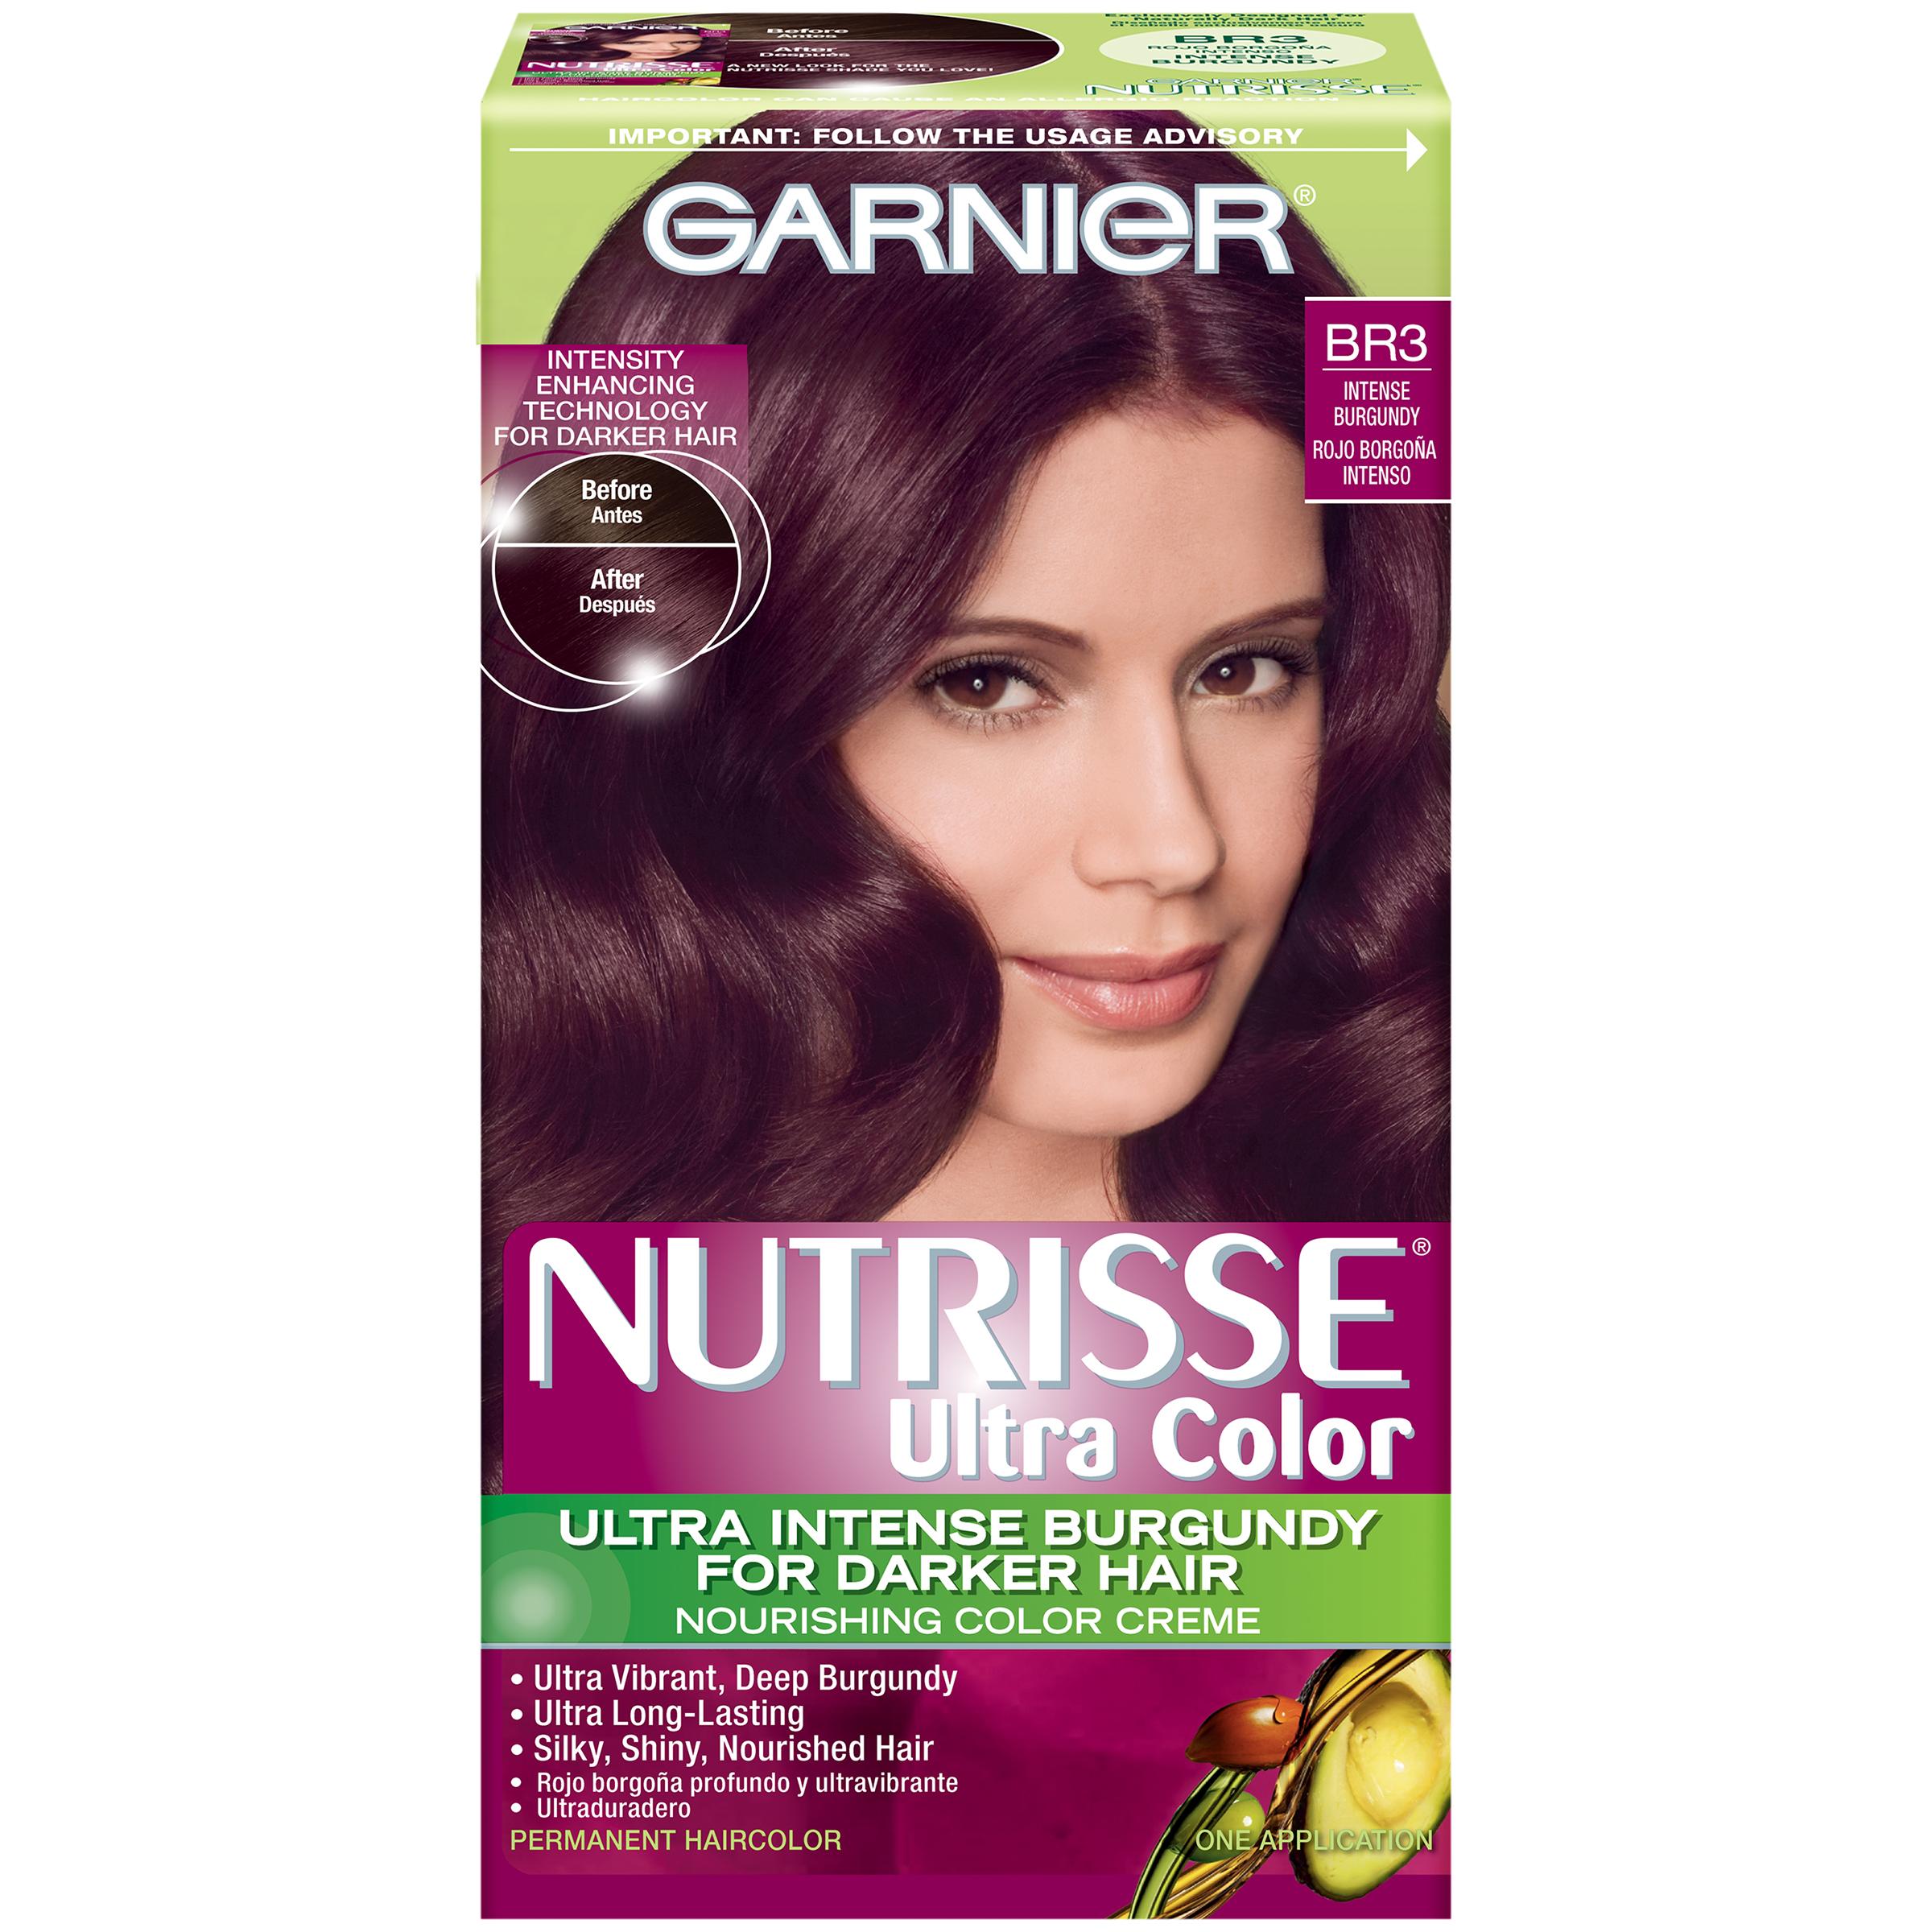 Br3 Intense Burgundy Ultra Color Nourishing Color Creme 1 KT BOX